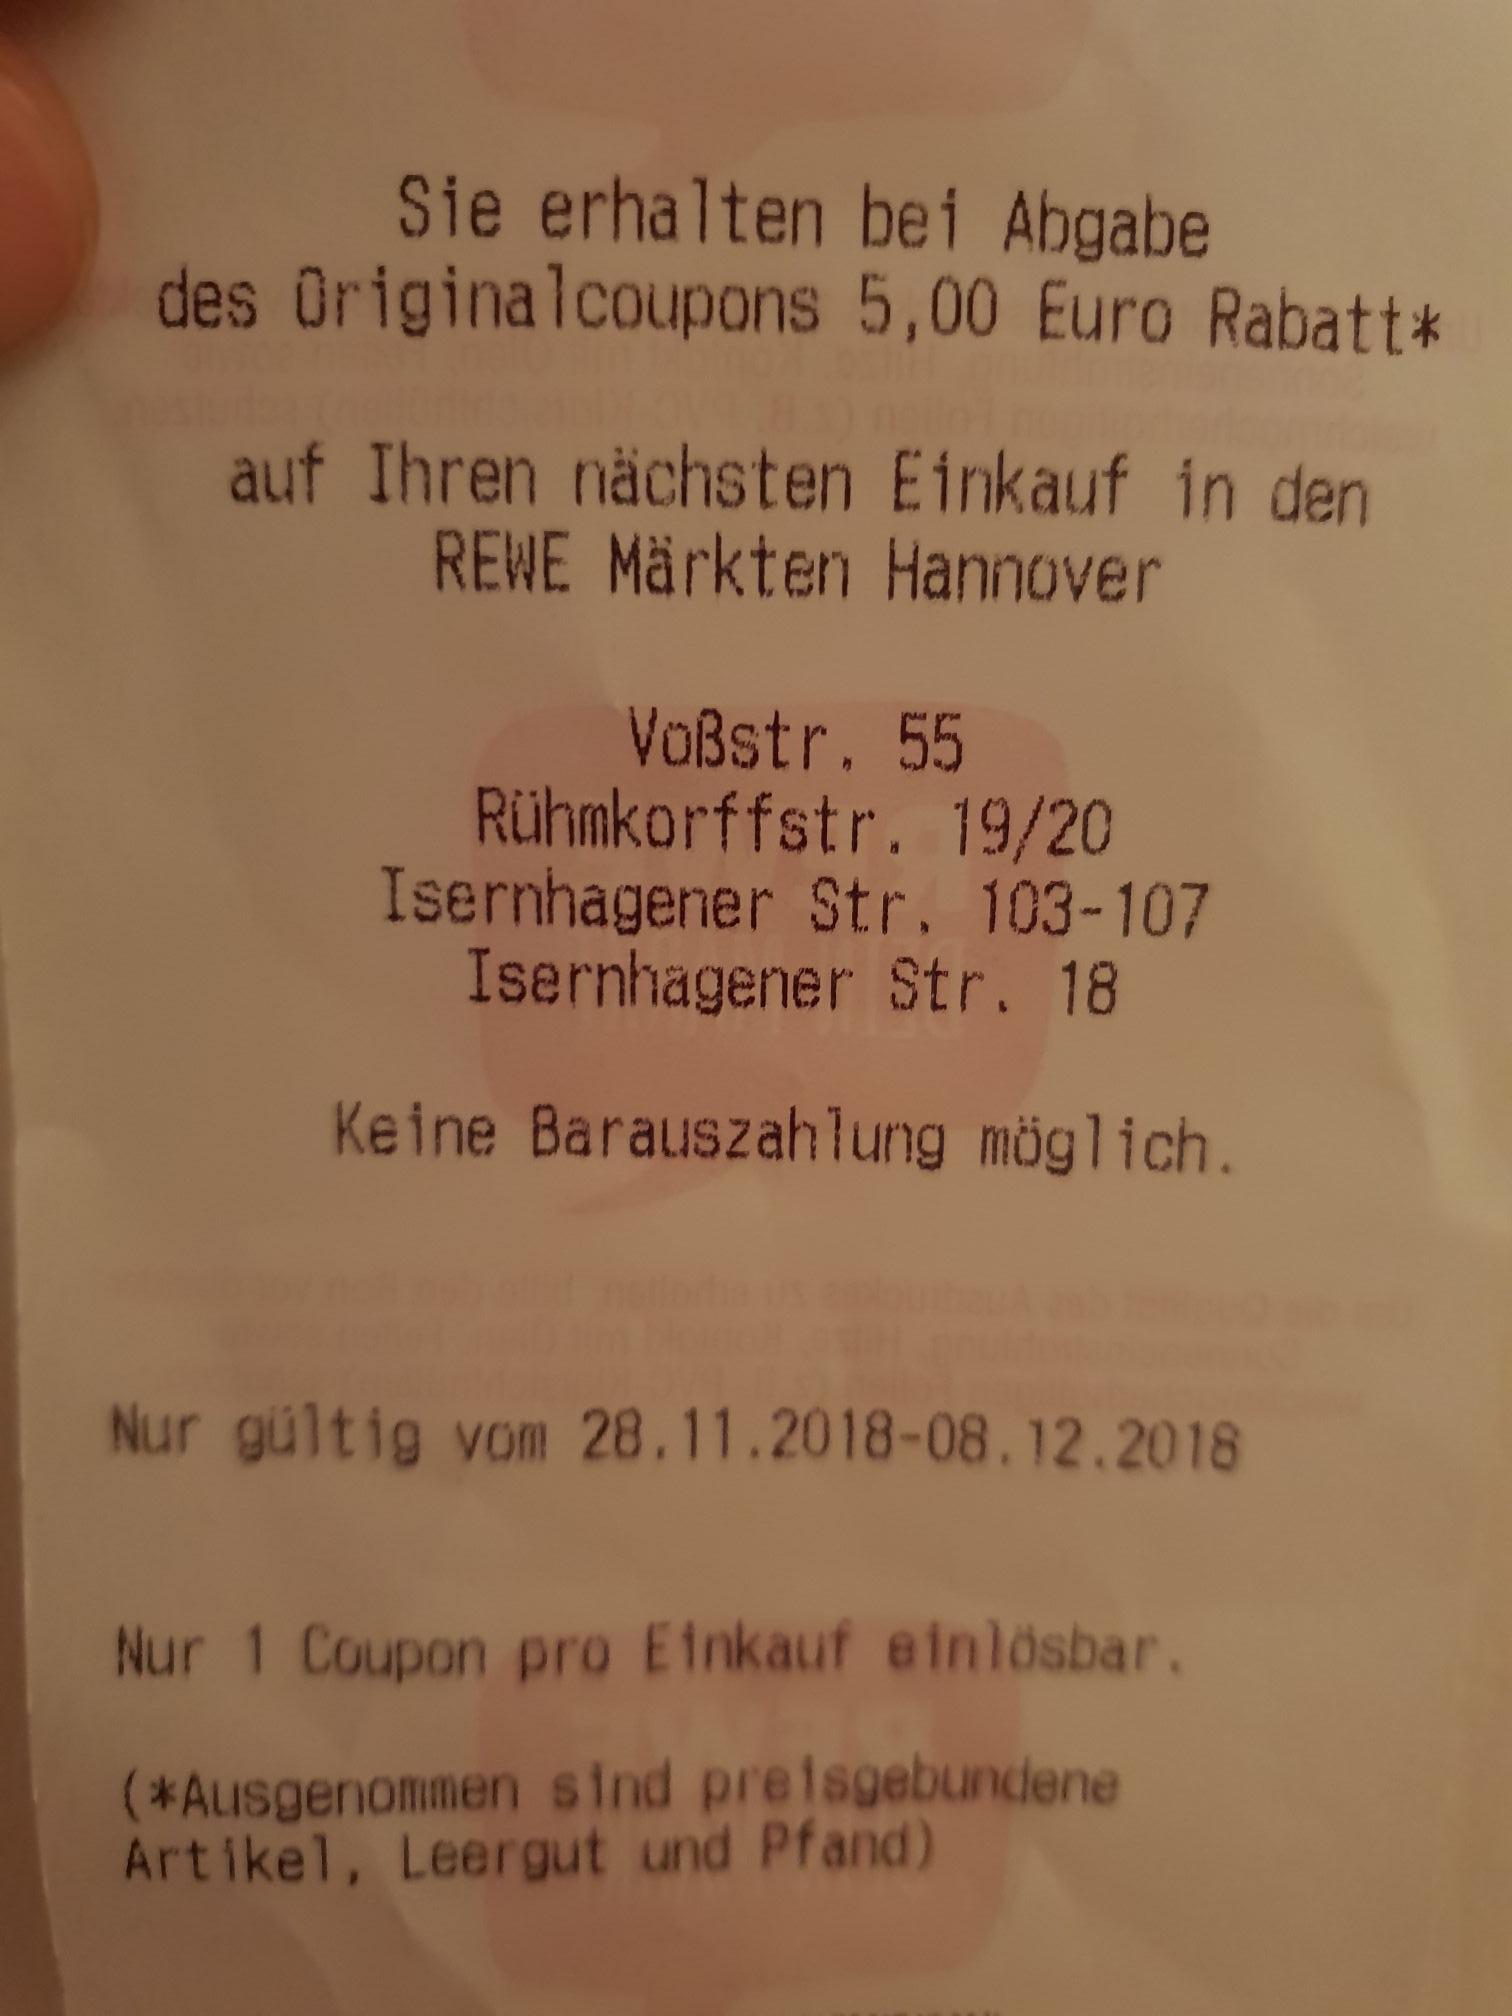 5 € auf den nächsten Einkauf bei Rewe.